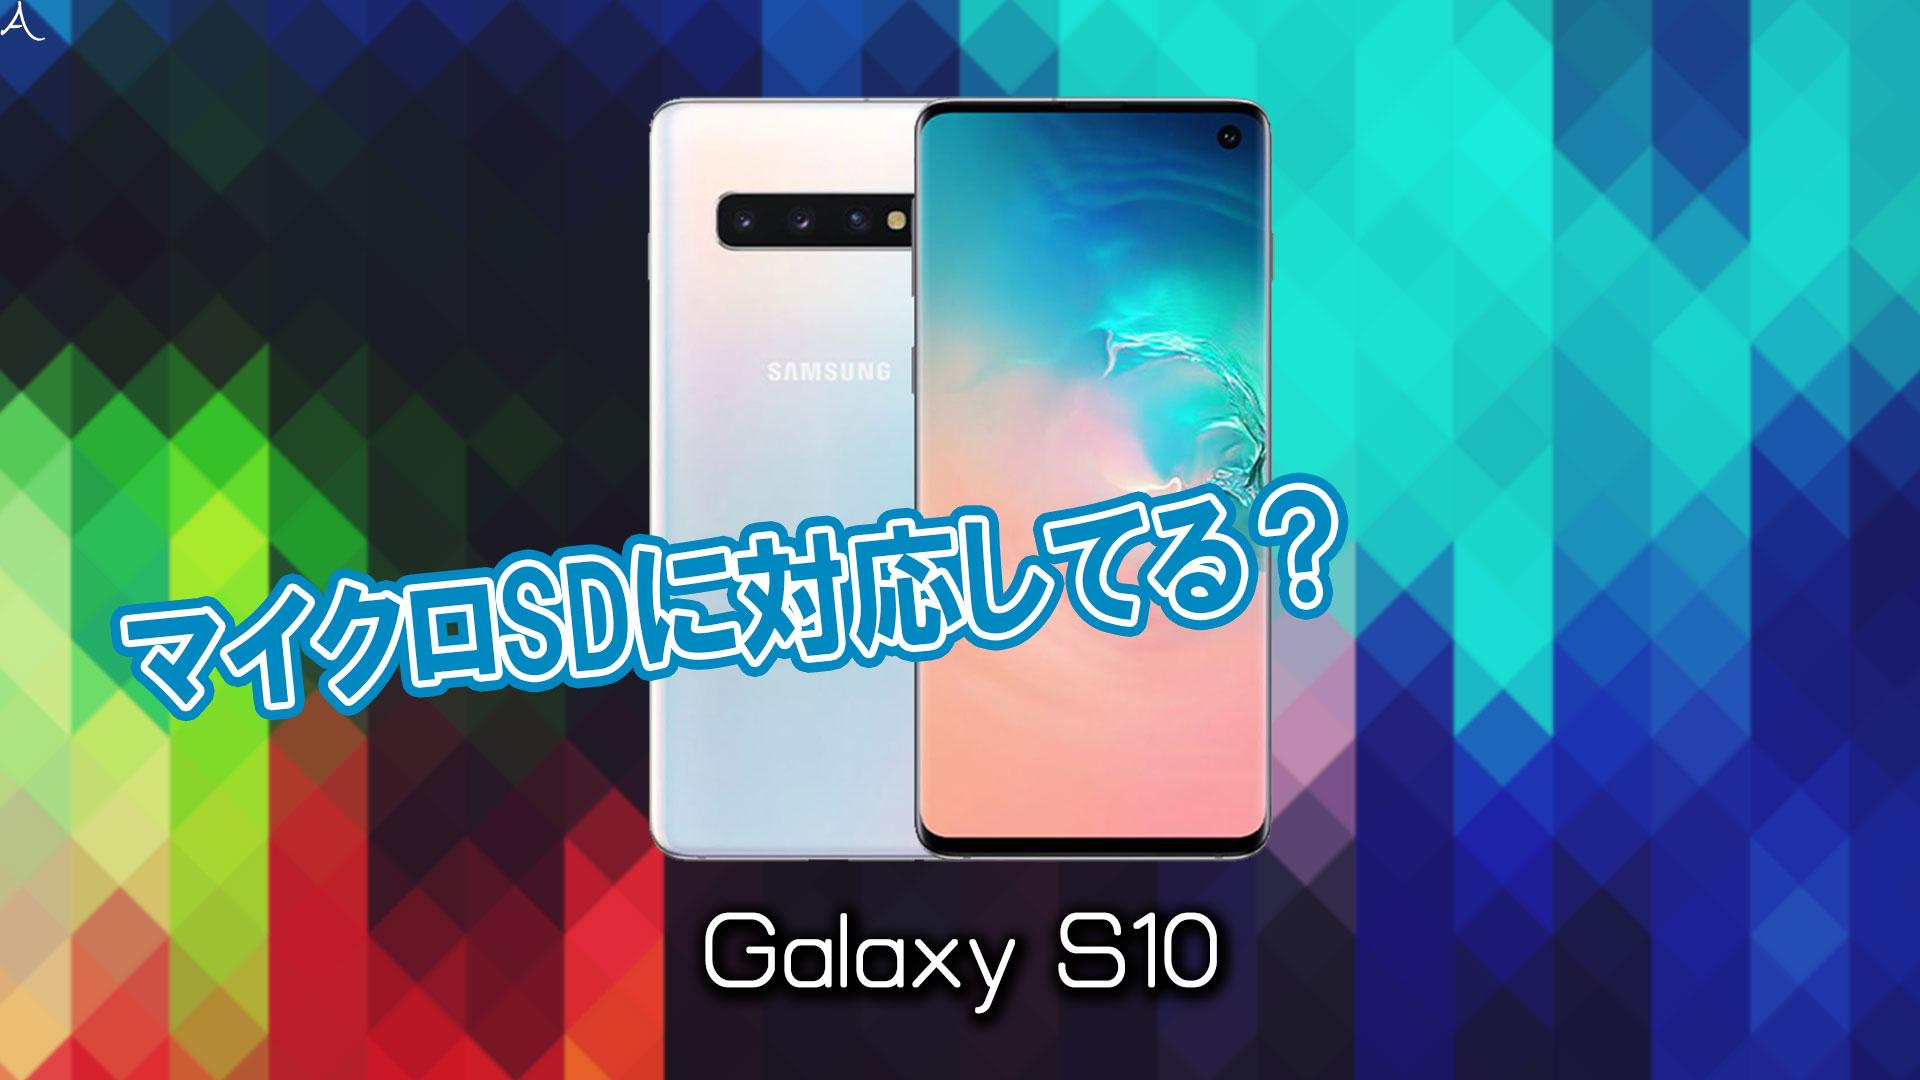 「Galaxy S10」はマイクロSDに対応してる?おすすめカードと正しい選び方